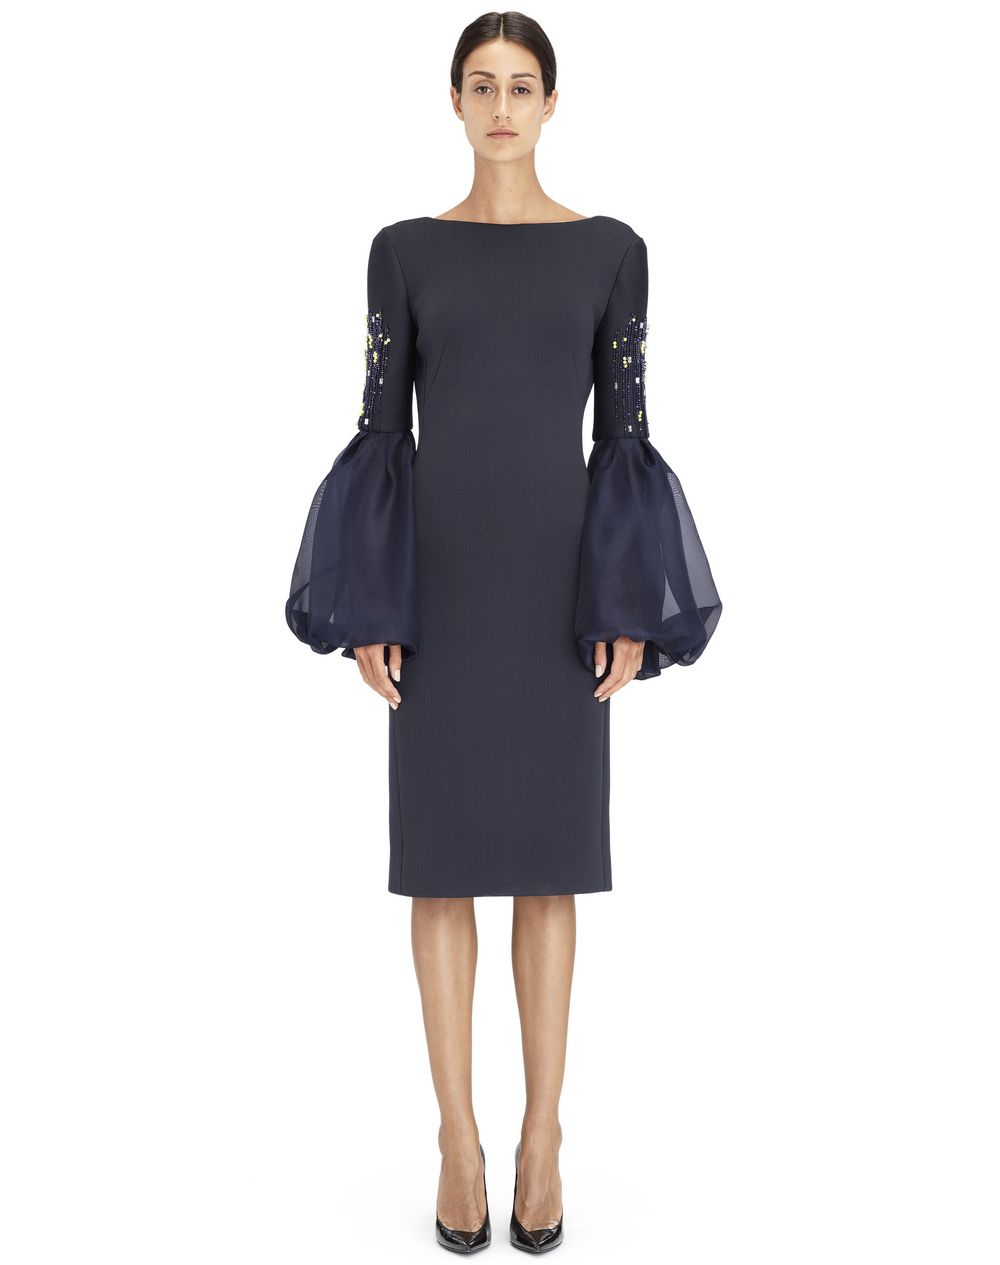 Robe cintrée en néoprène de soie de couleur anthracite, Lanvin – Prix €4 490